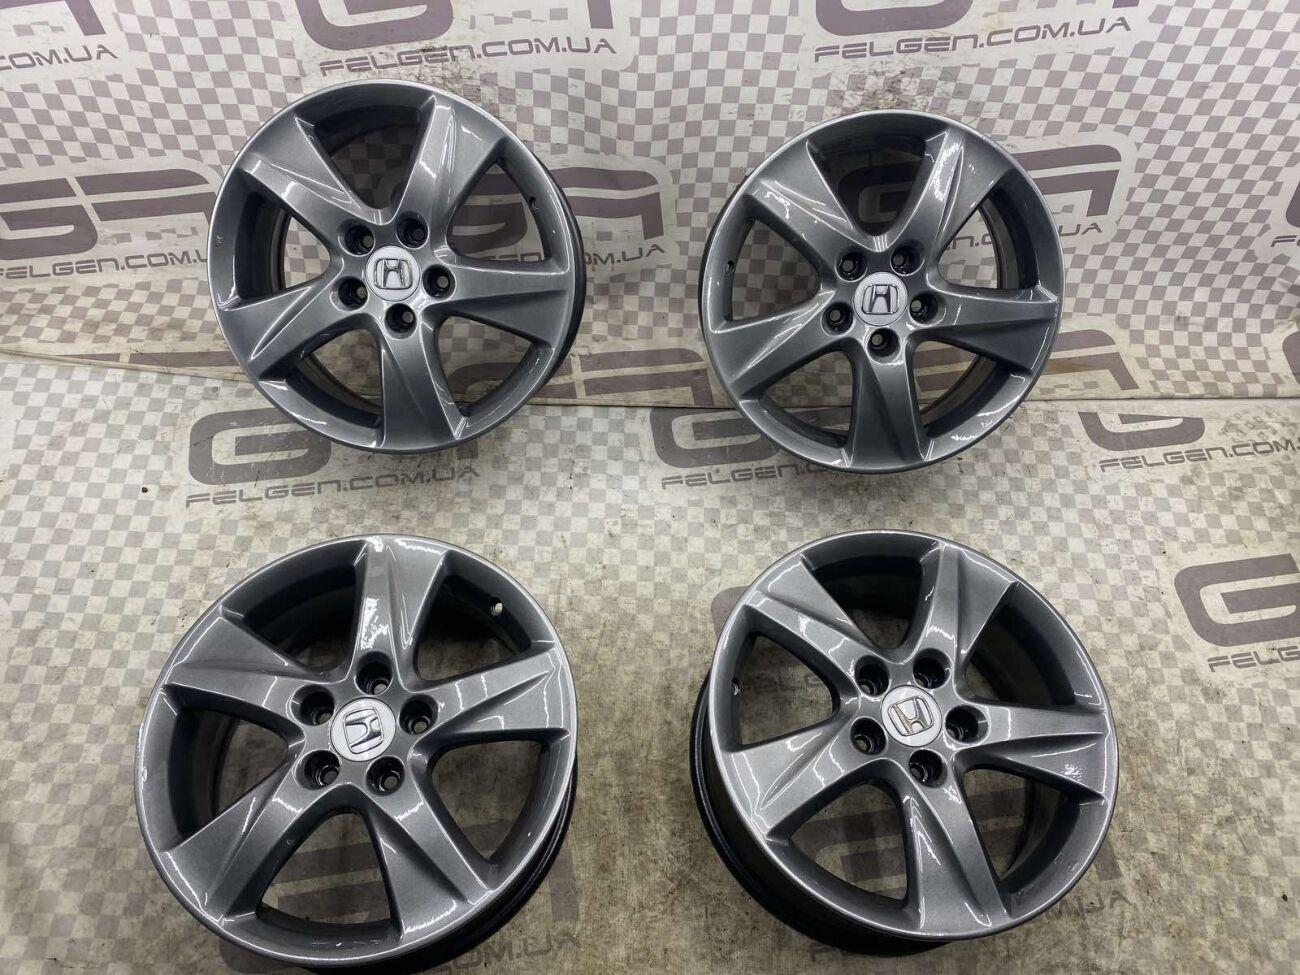 Оригинальные диски 17 5.114.3 Honda Accord, Civic и тд! G-Felgen